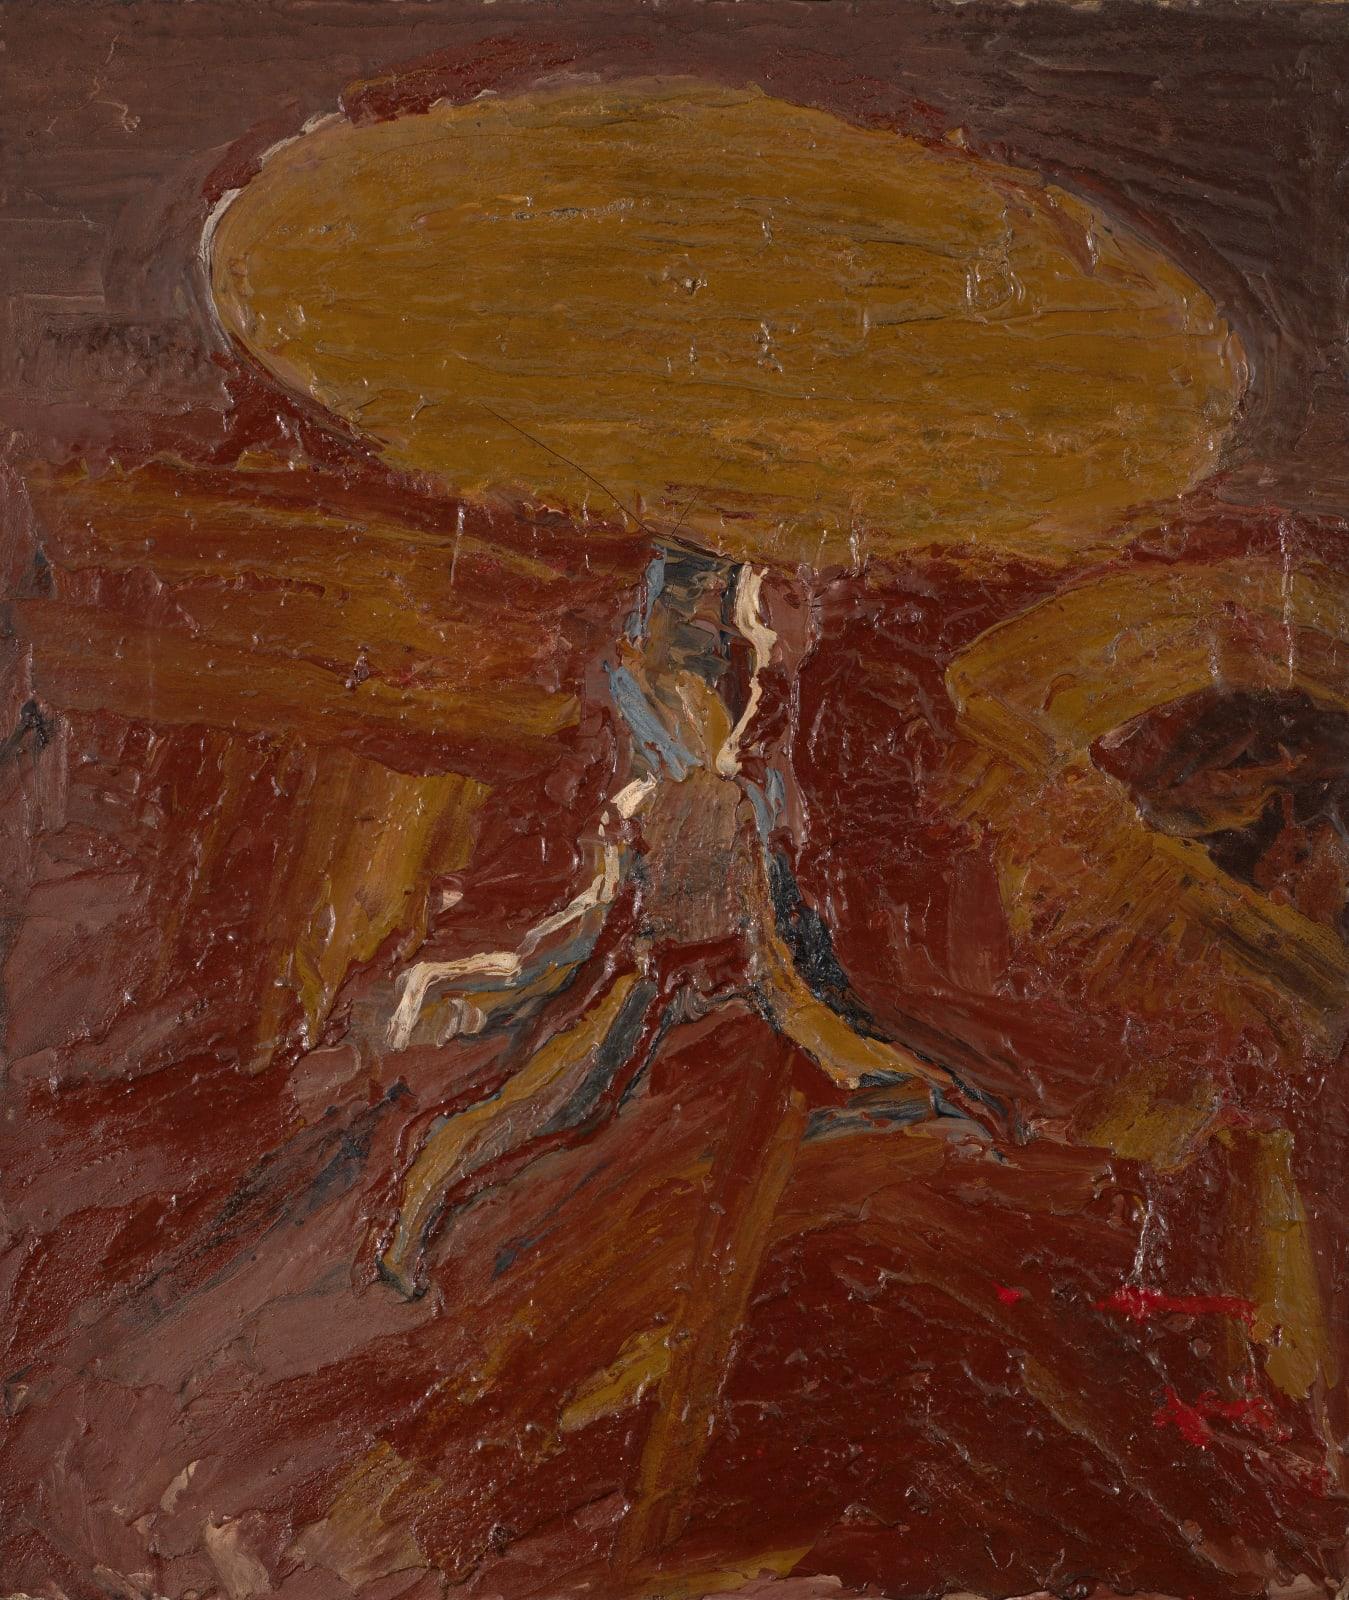 Gustav Metzger Table, 1956 Oil on canvas 35.5 x 30cm. The Gustav Metzger Foundation